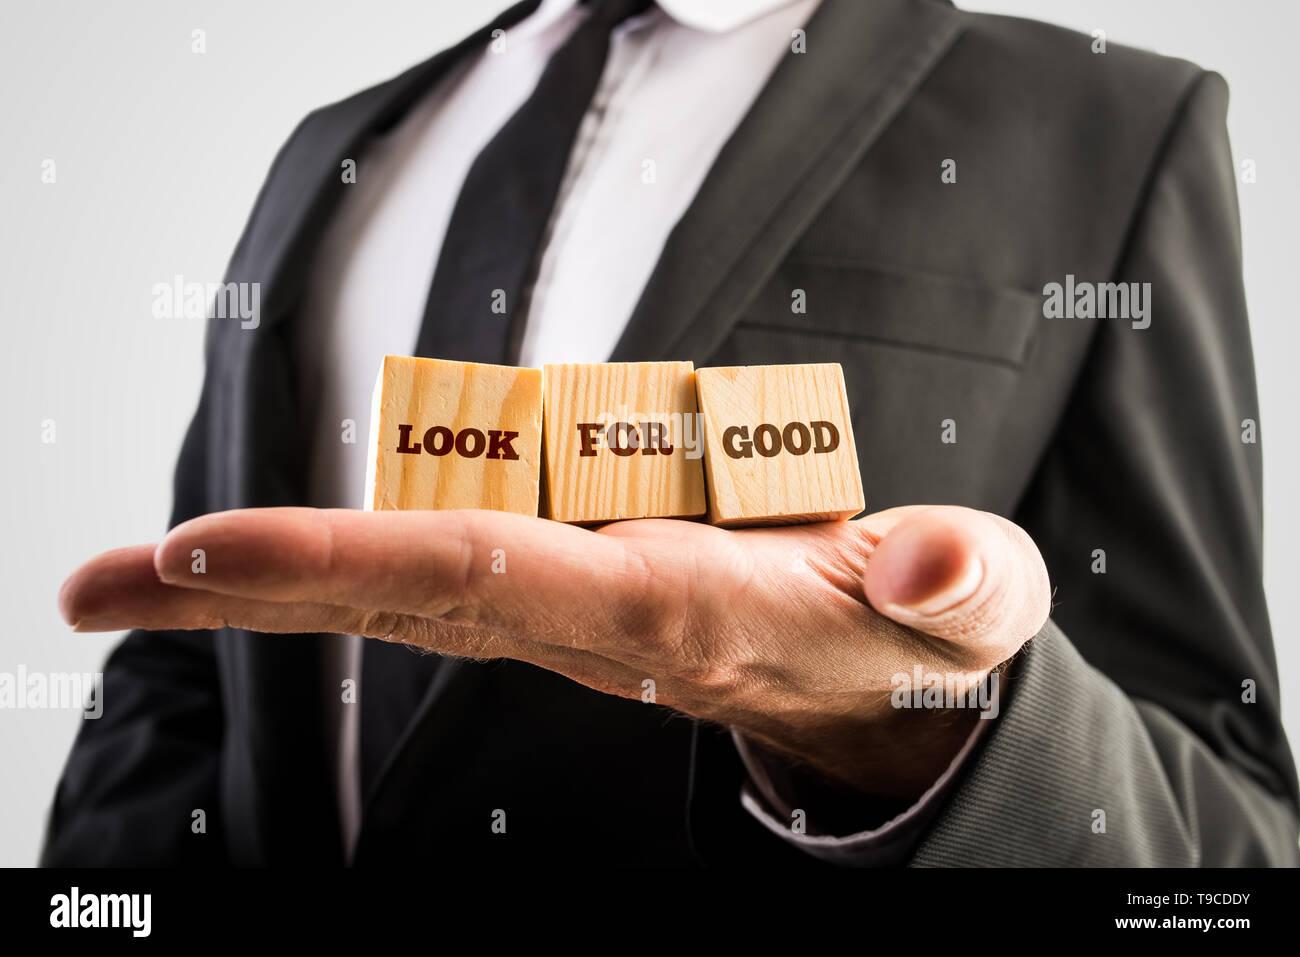 Nahaufnahme der männlichen Hand hält drei hölzerne Würfel mit einem Blick für guten Text. Konzept der persönlichen Einstellung zu leben und Leben Herausforderungen. Stockbild